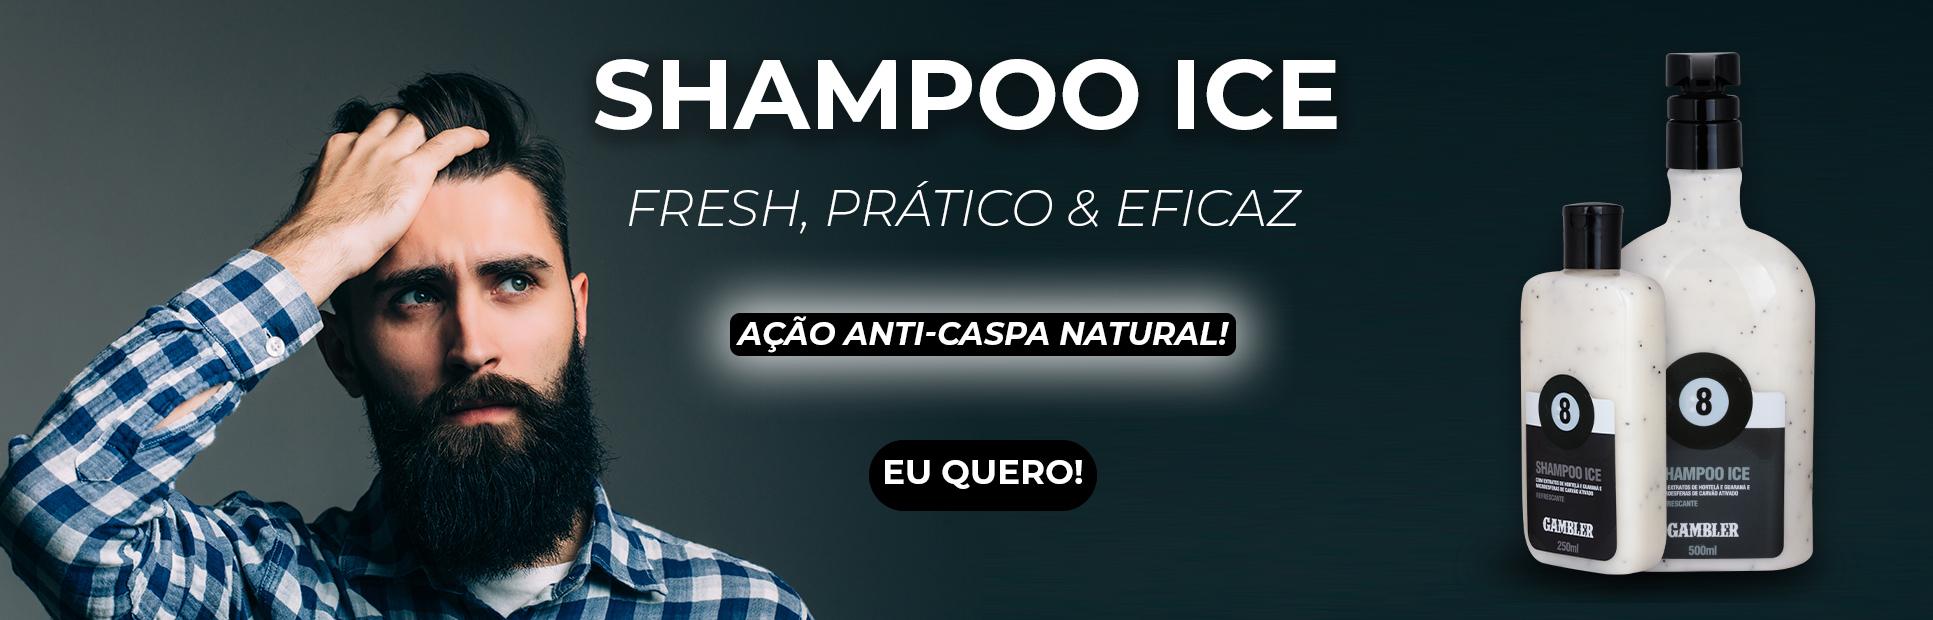 Shampoo Bola 8